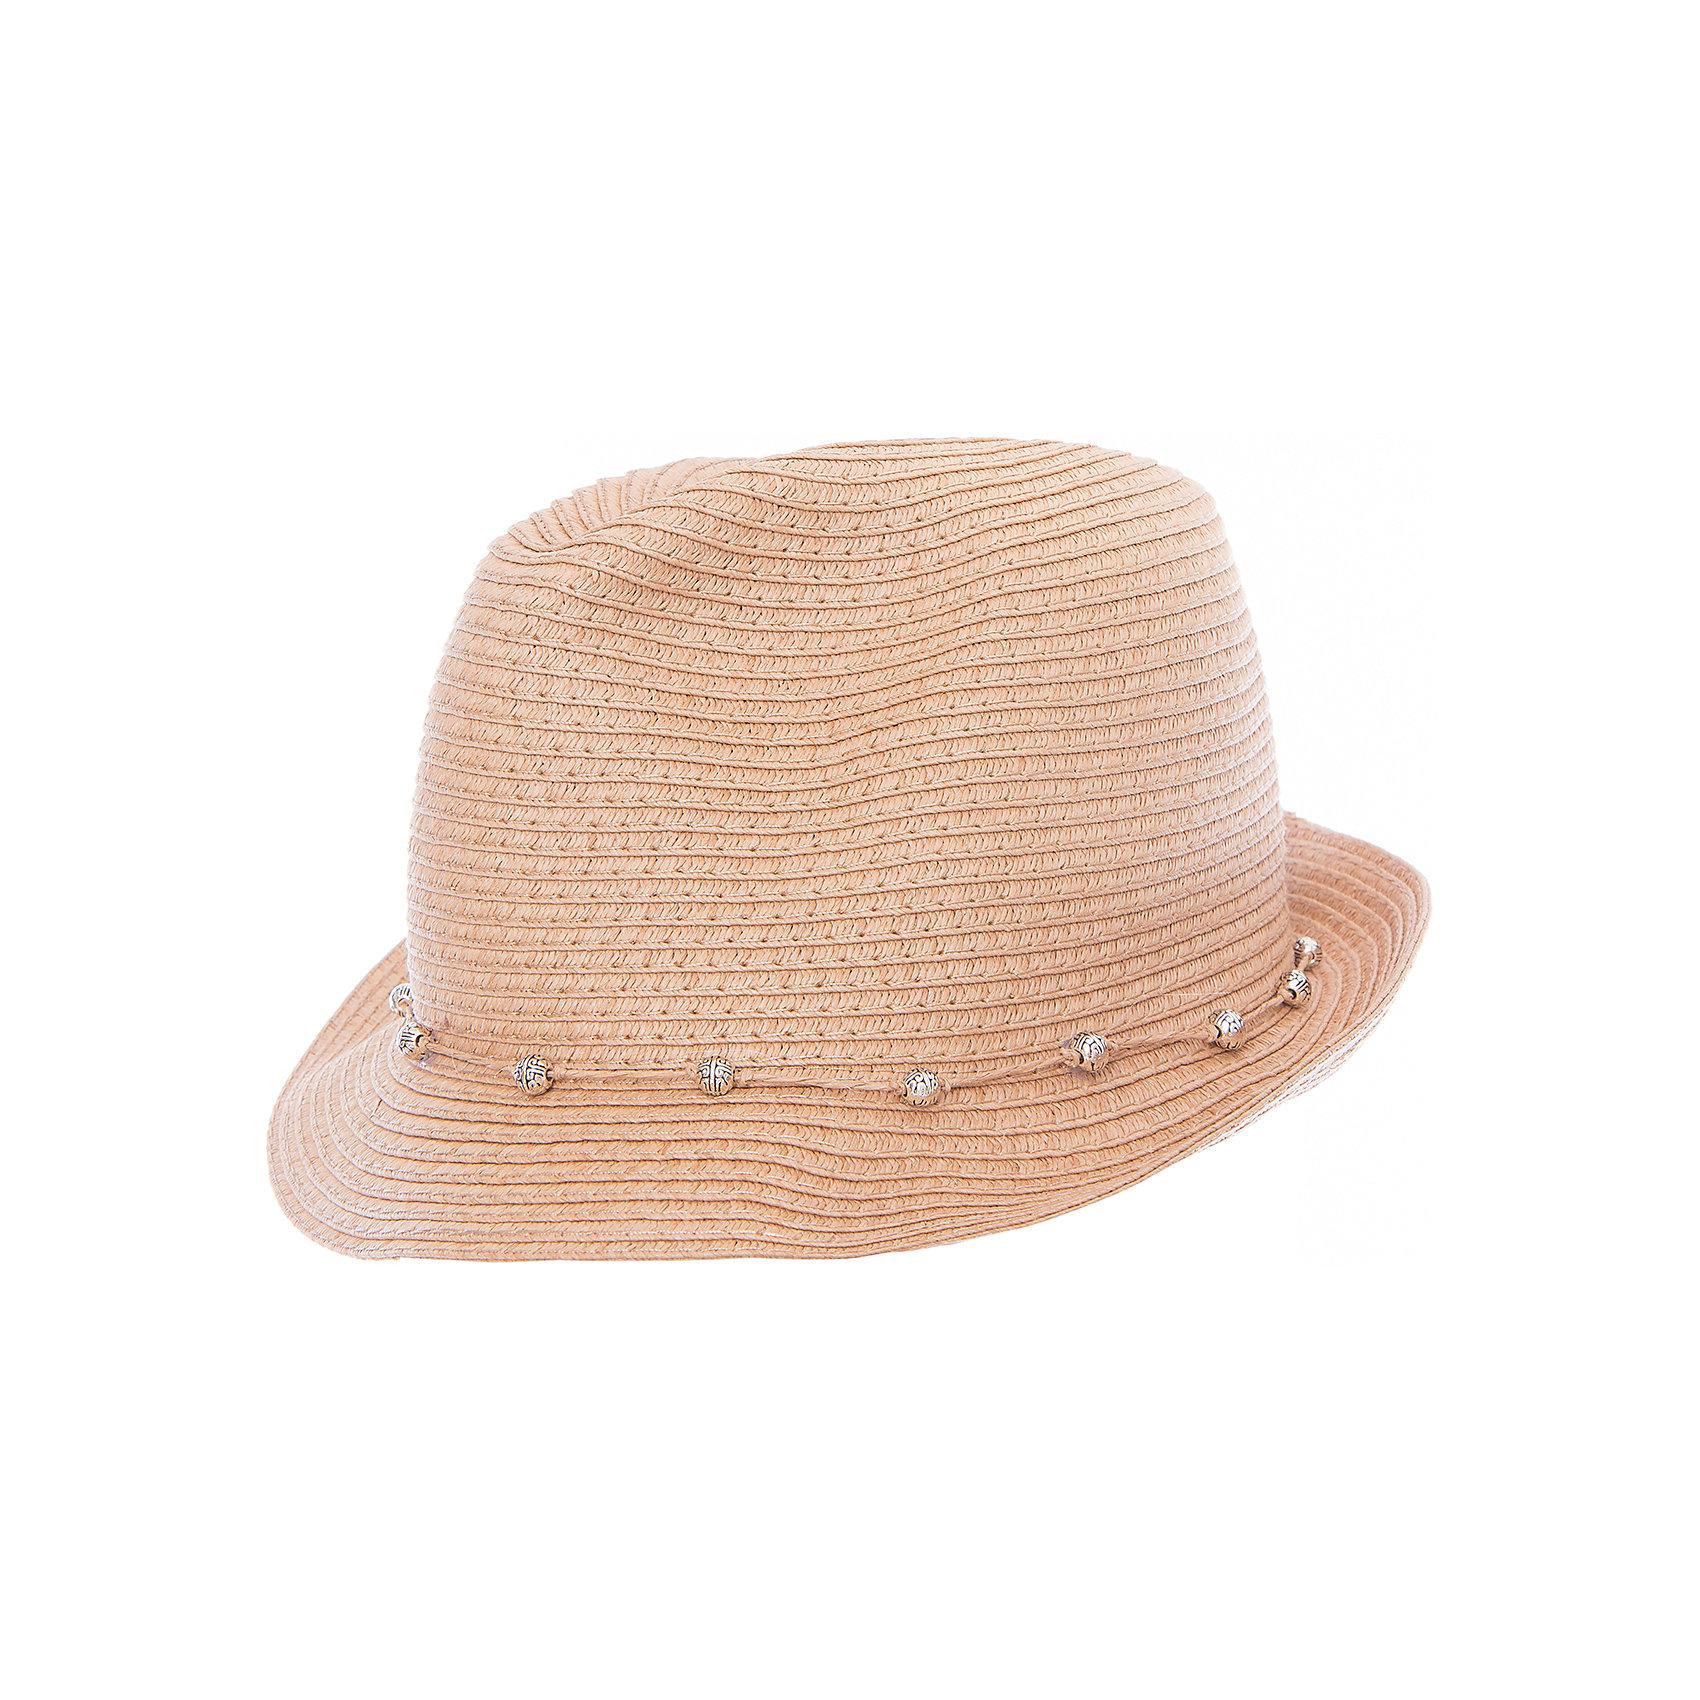 Шляпа для девочки ScoolГоловные уборы<br>Шляпа для девочки Scool<br>Эффектная шляпа из бумажной соломки прекрасно подойдет для прогулок в жаркую погоду. Декорирована контрастными бусинами.<br>Состав:<br>100% бумажная соломка<br><br>Ширина мм: 89<br>Глубина мм: 117<br>Высота мм: 44<br>Вес г: 155<br>Цвет: светло-коричневый<br>Возраст от месяцев: 72<br>Возраст до месяцев: 84<br>Пол: Женский<br>Возраст: Детский<br>Размер: 54,56<br>SKU: 5407074